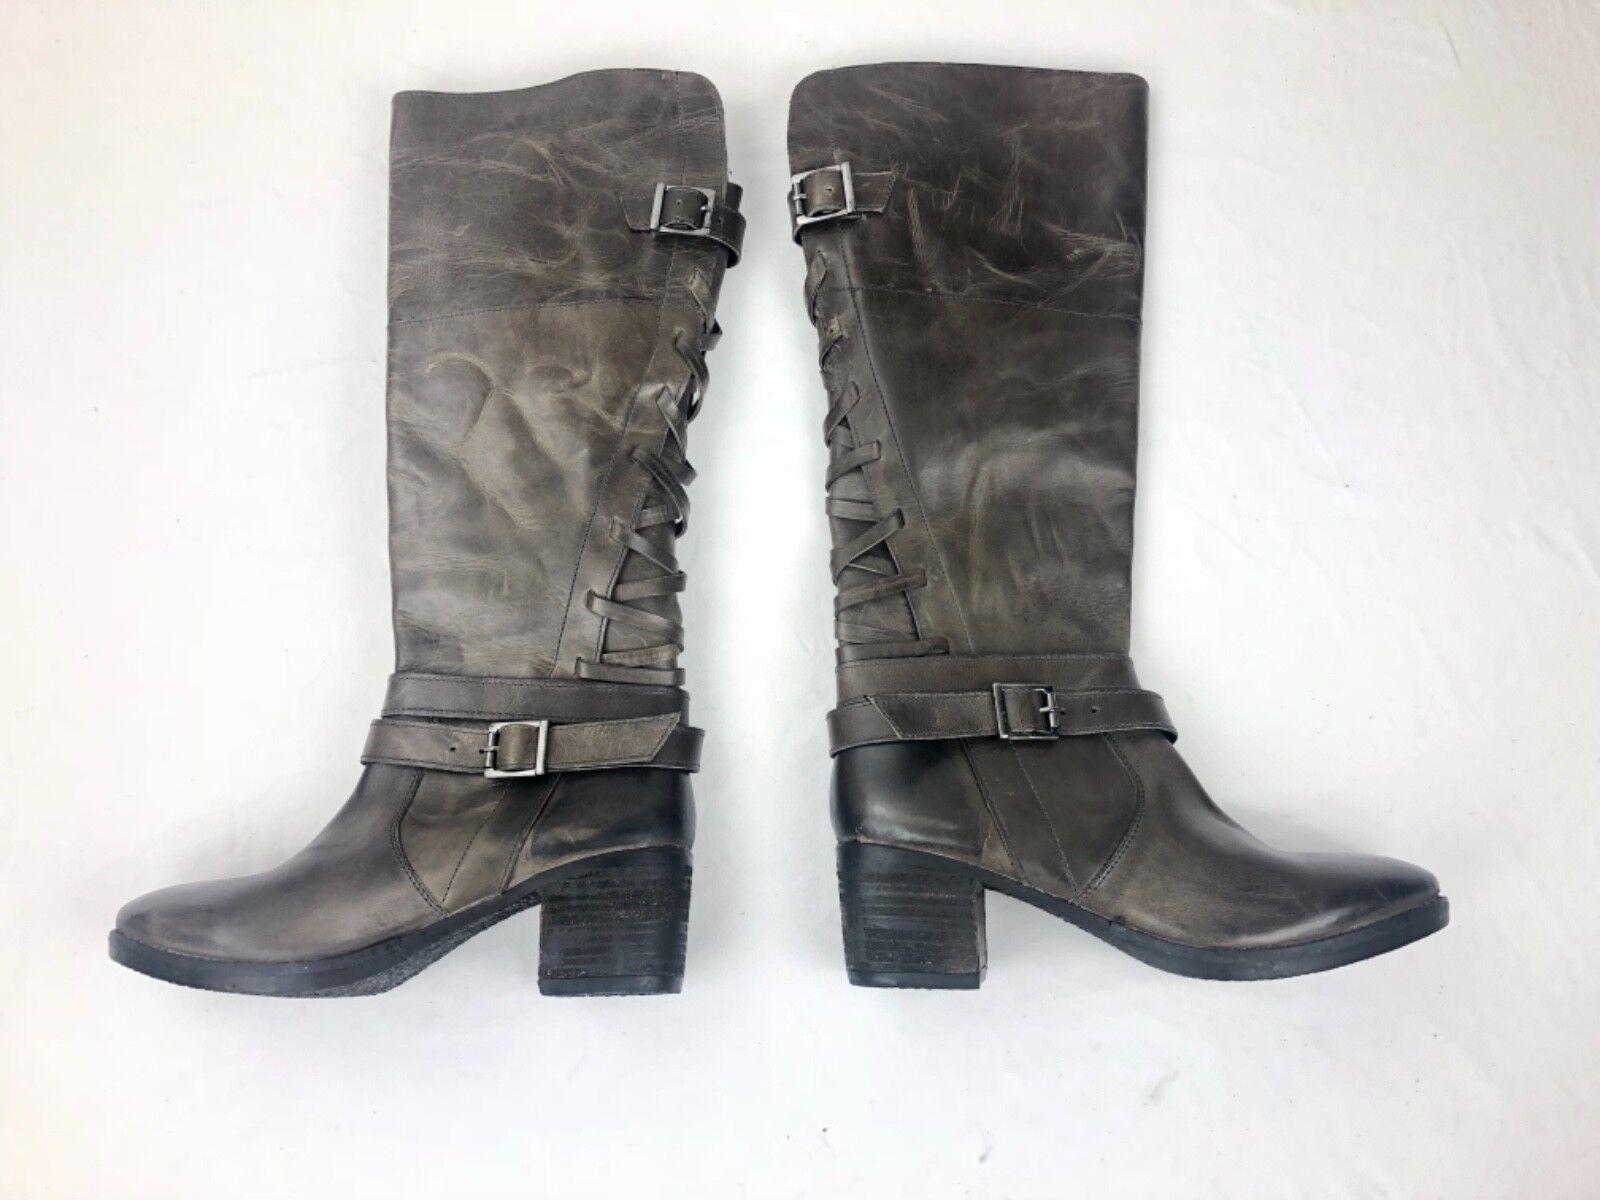 Informe botas 8.5 8.5 8.5 Impermeable Cuero Corsé de montar a caballo-Regalo Gratis  todos los bienes son especiales